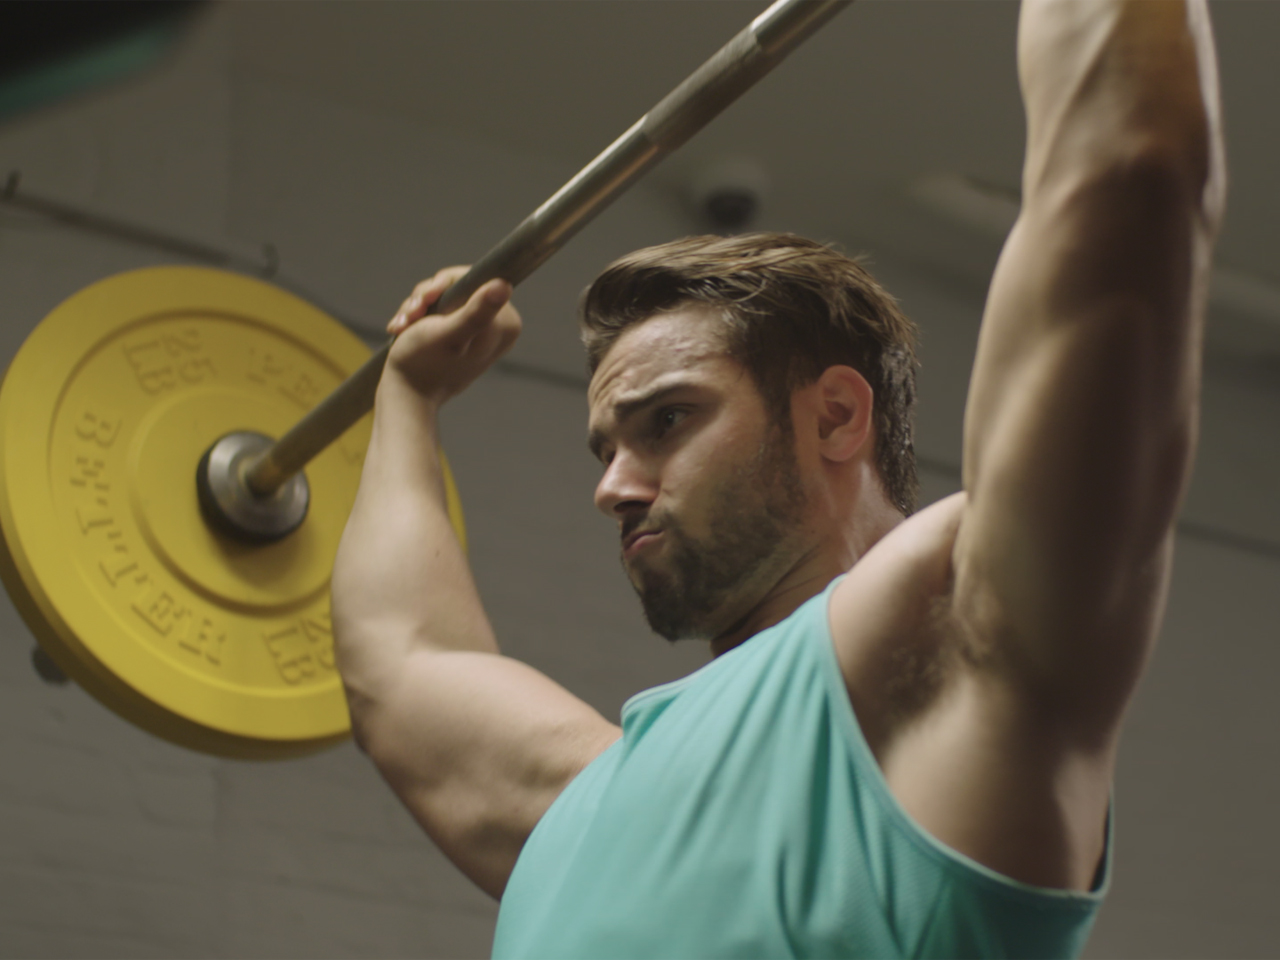 The 6 Week Model Body Workout Plan